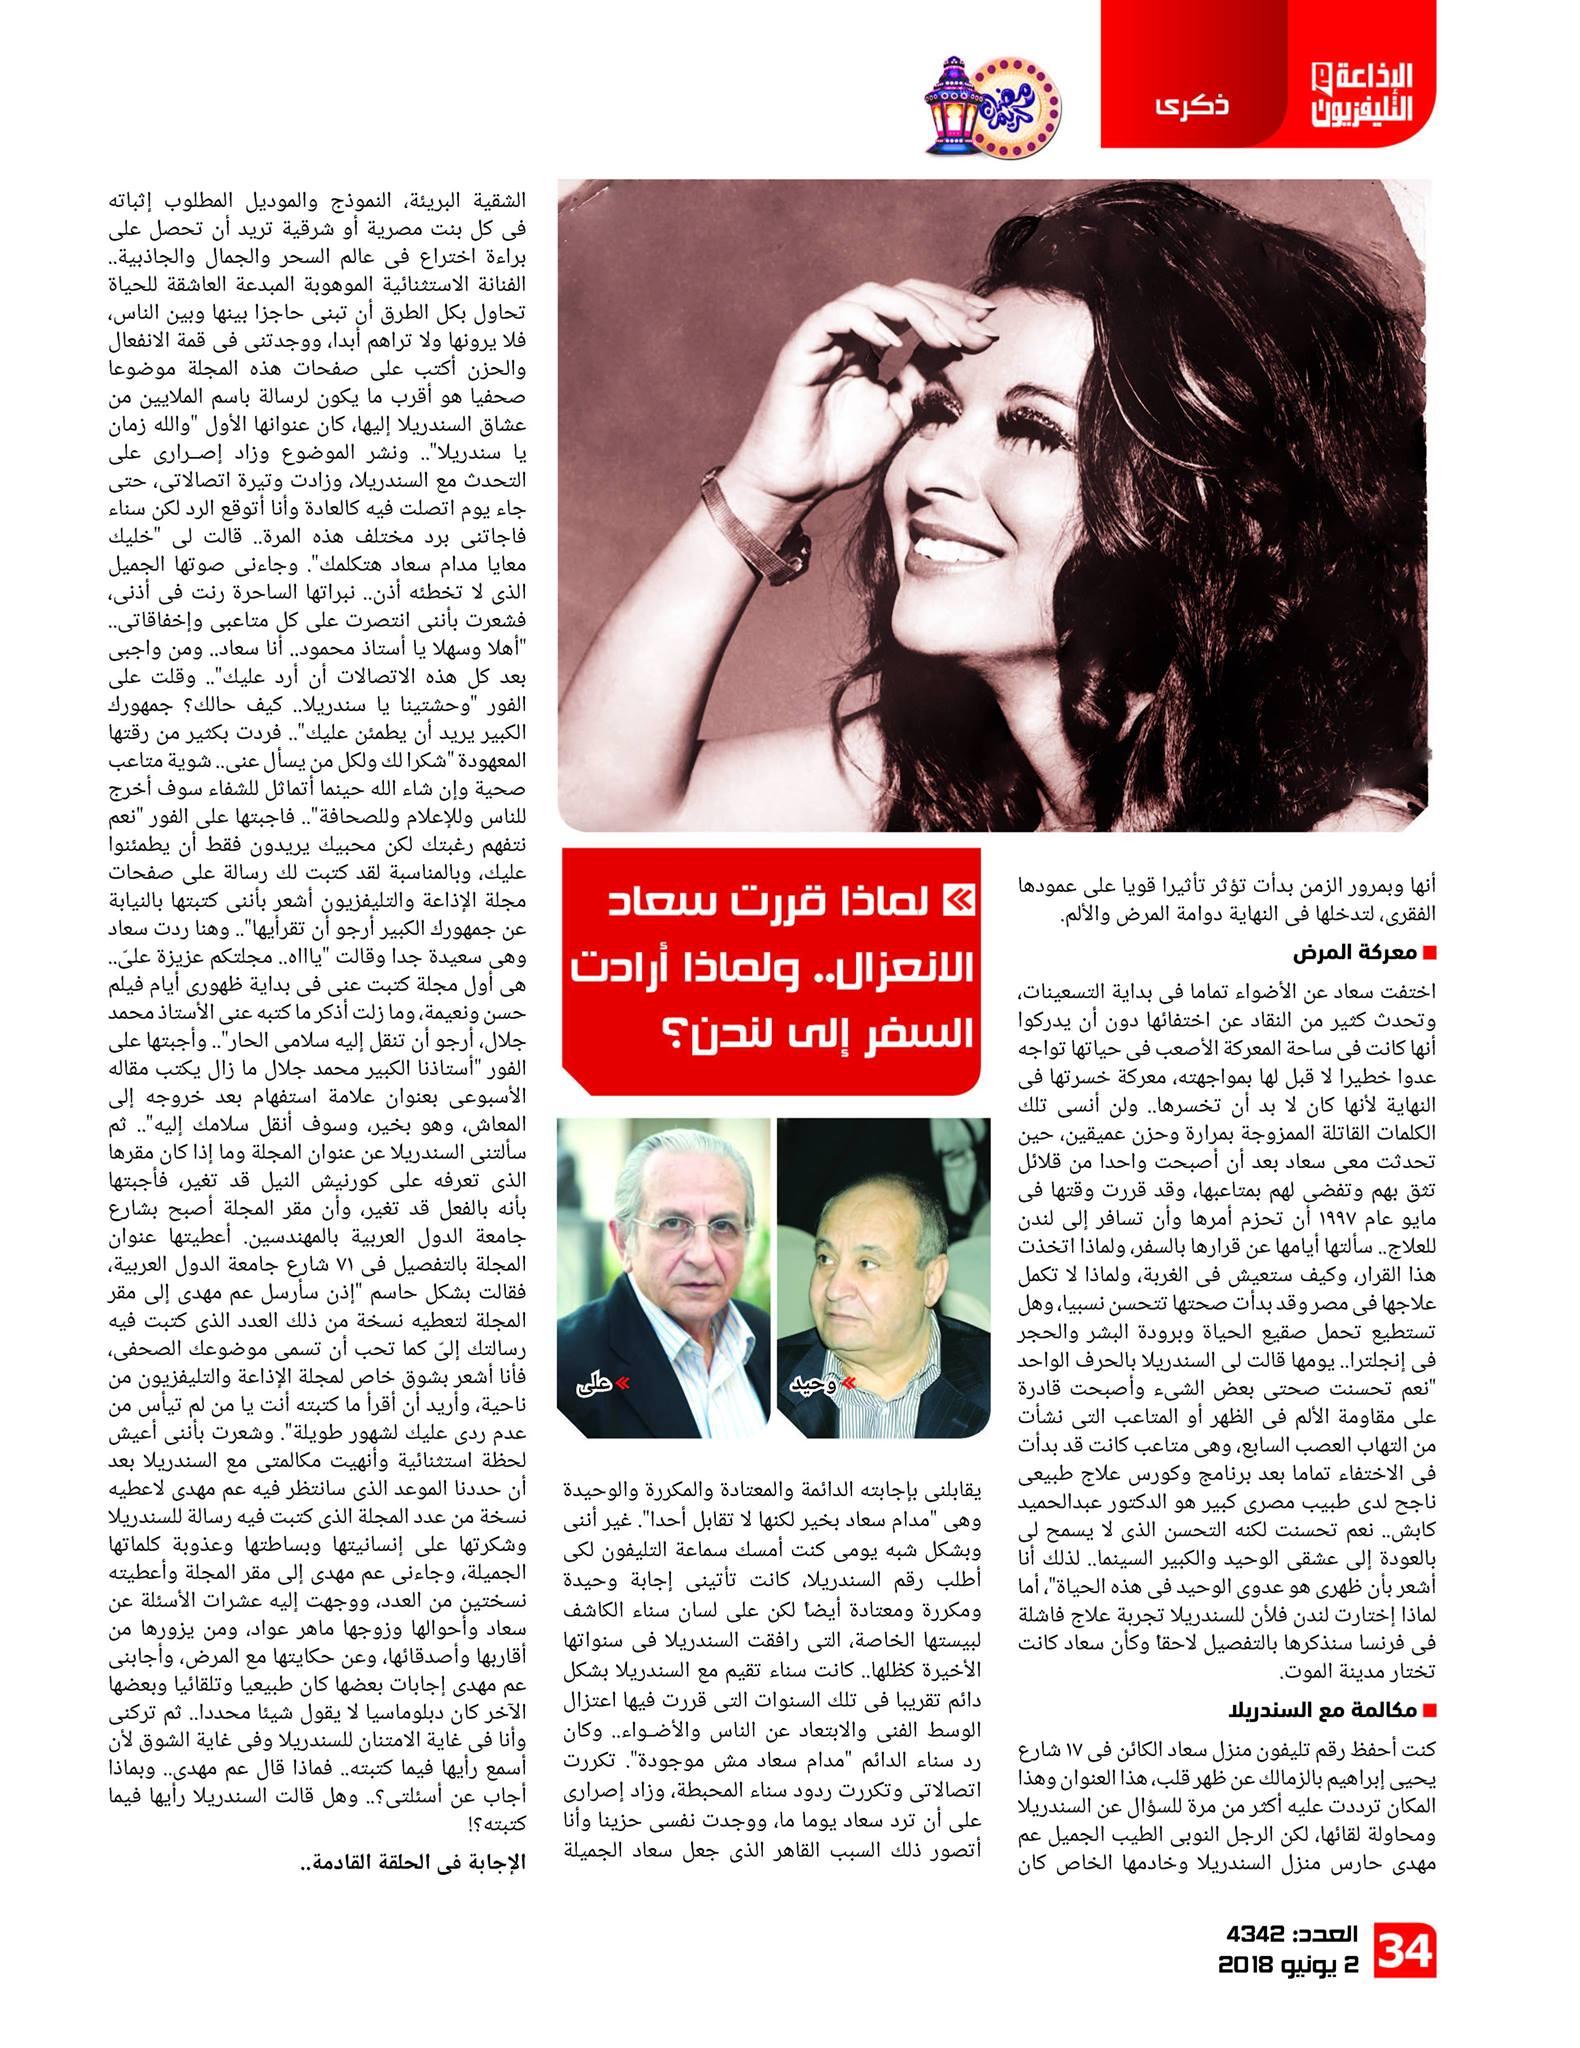 صحفي - مقال صحفي : حين قالت لي السندريلا .. أشعر بأن ظهري عدوي الوحيد في هذه الحياة 2018 م 318